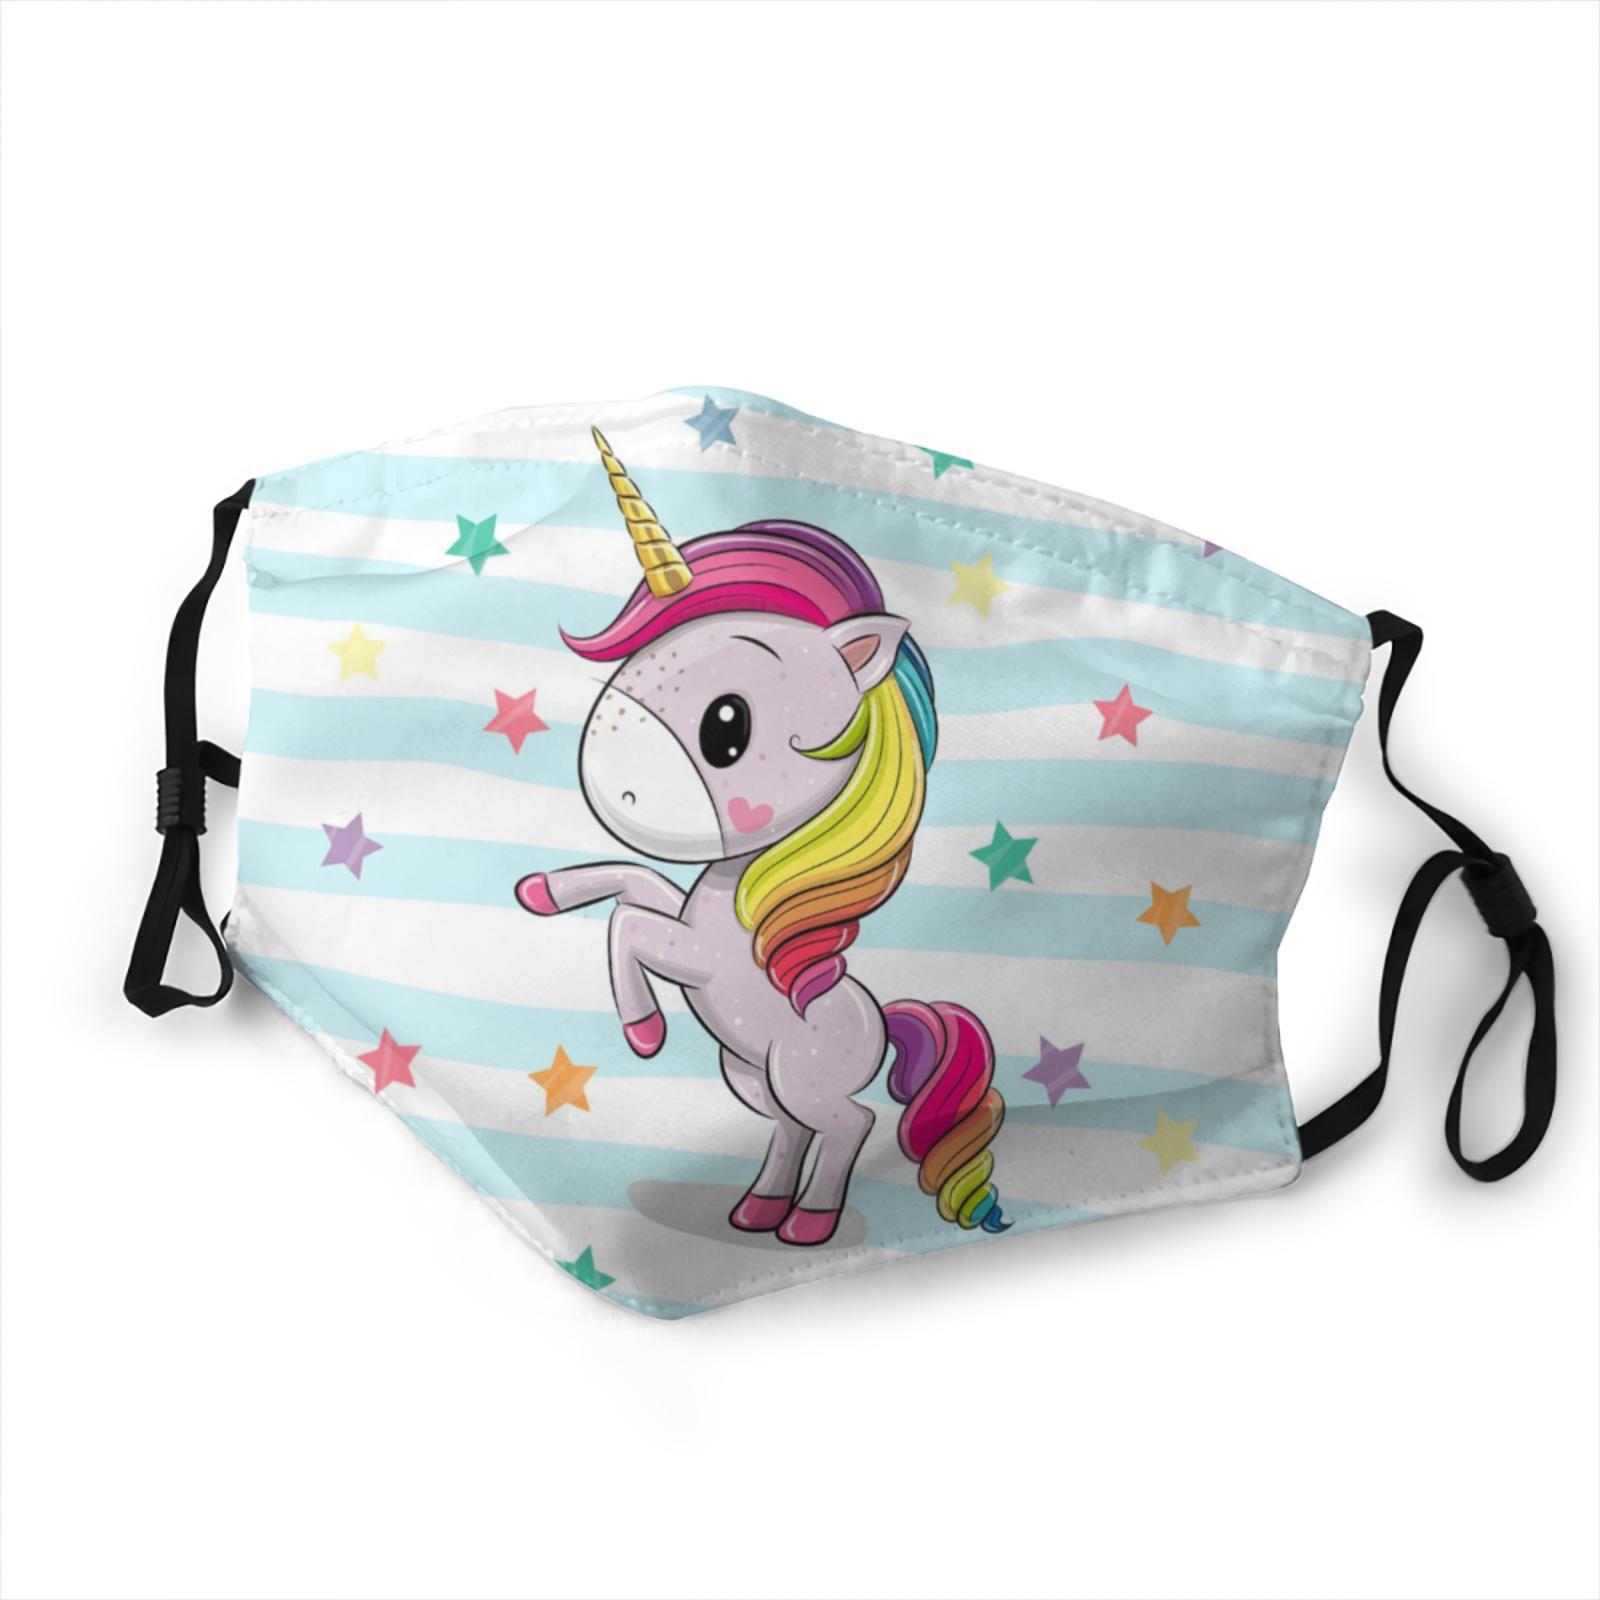 Masque arc-en-ciel pour enfants, filtre lavable, anti-poussière, en tissu, réutilisable, licorne, Kawaii, pour garçon et fille, Cosplay